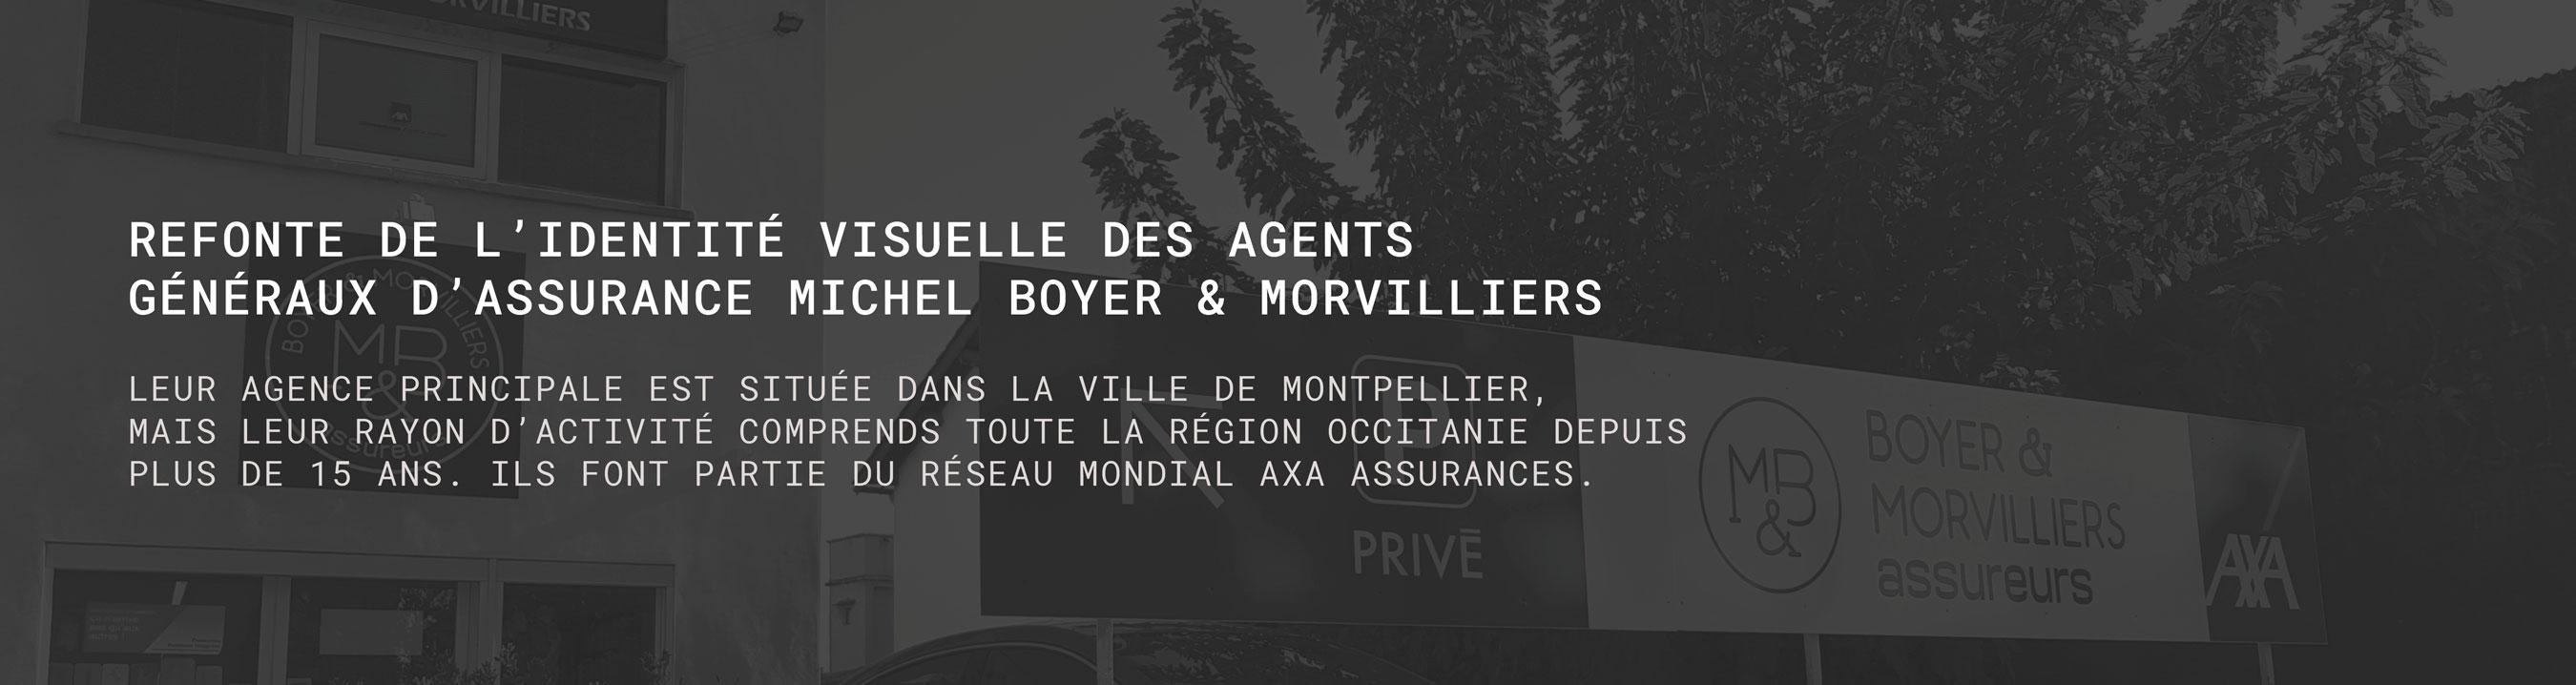 Boyer & Morvilliers 1